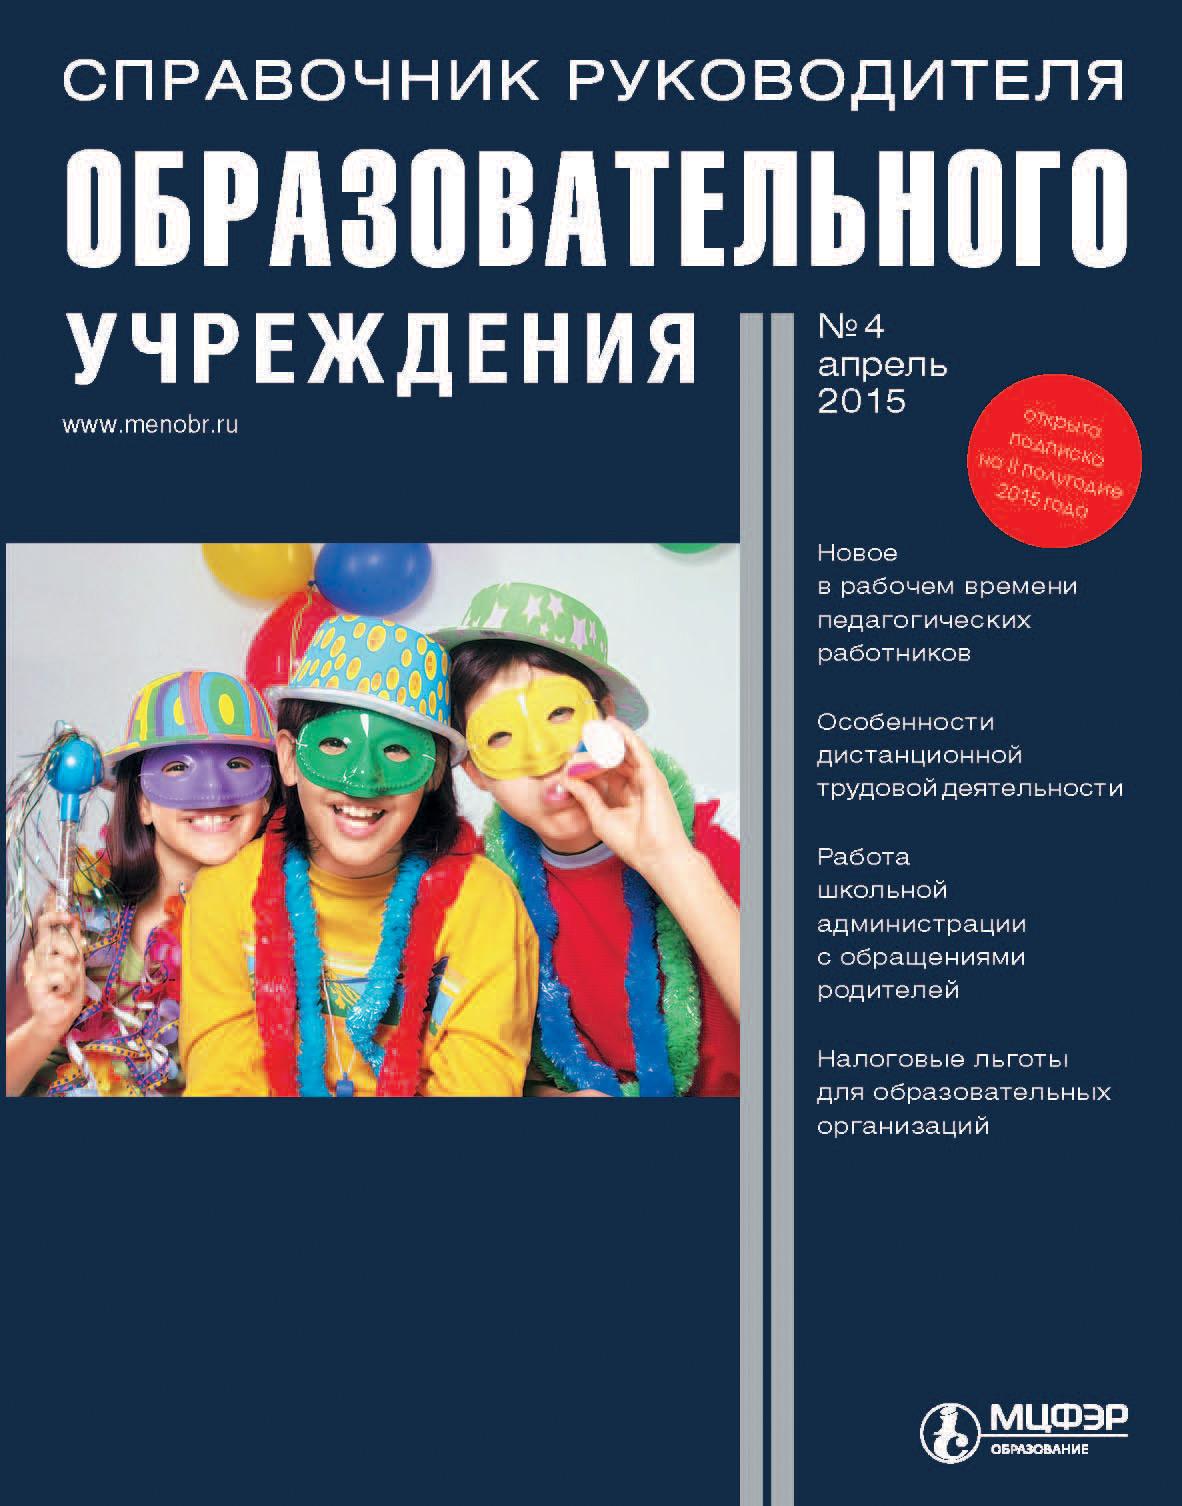 Отсутствует Справочник руководителя образовательного учреждения № 4 2015